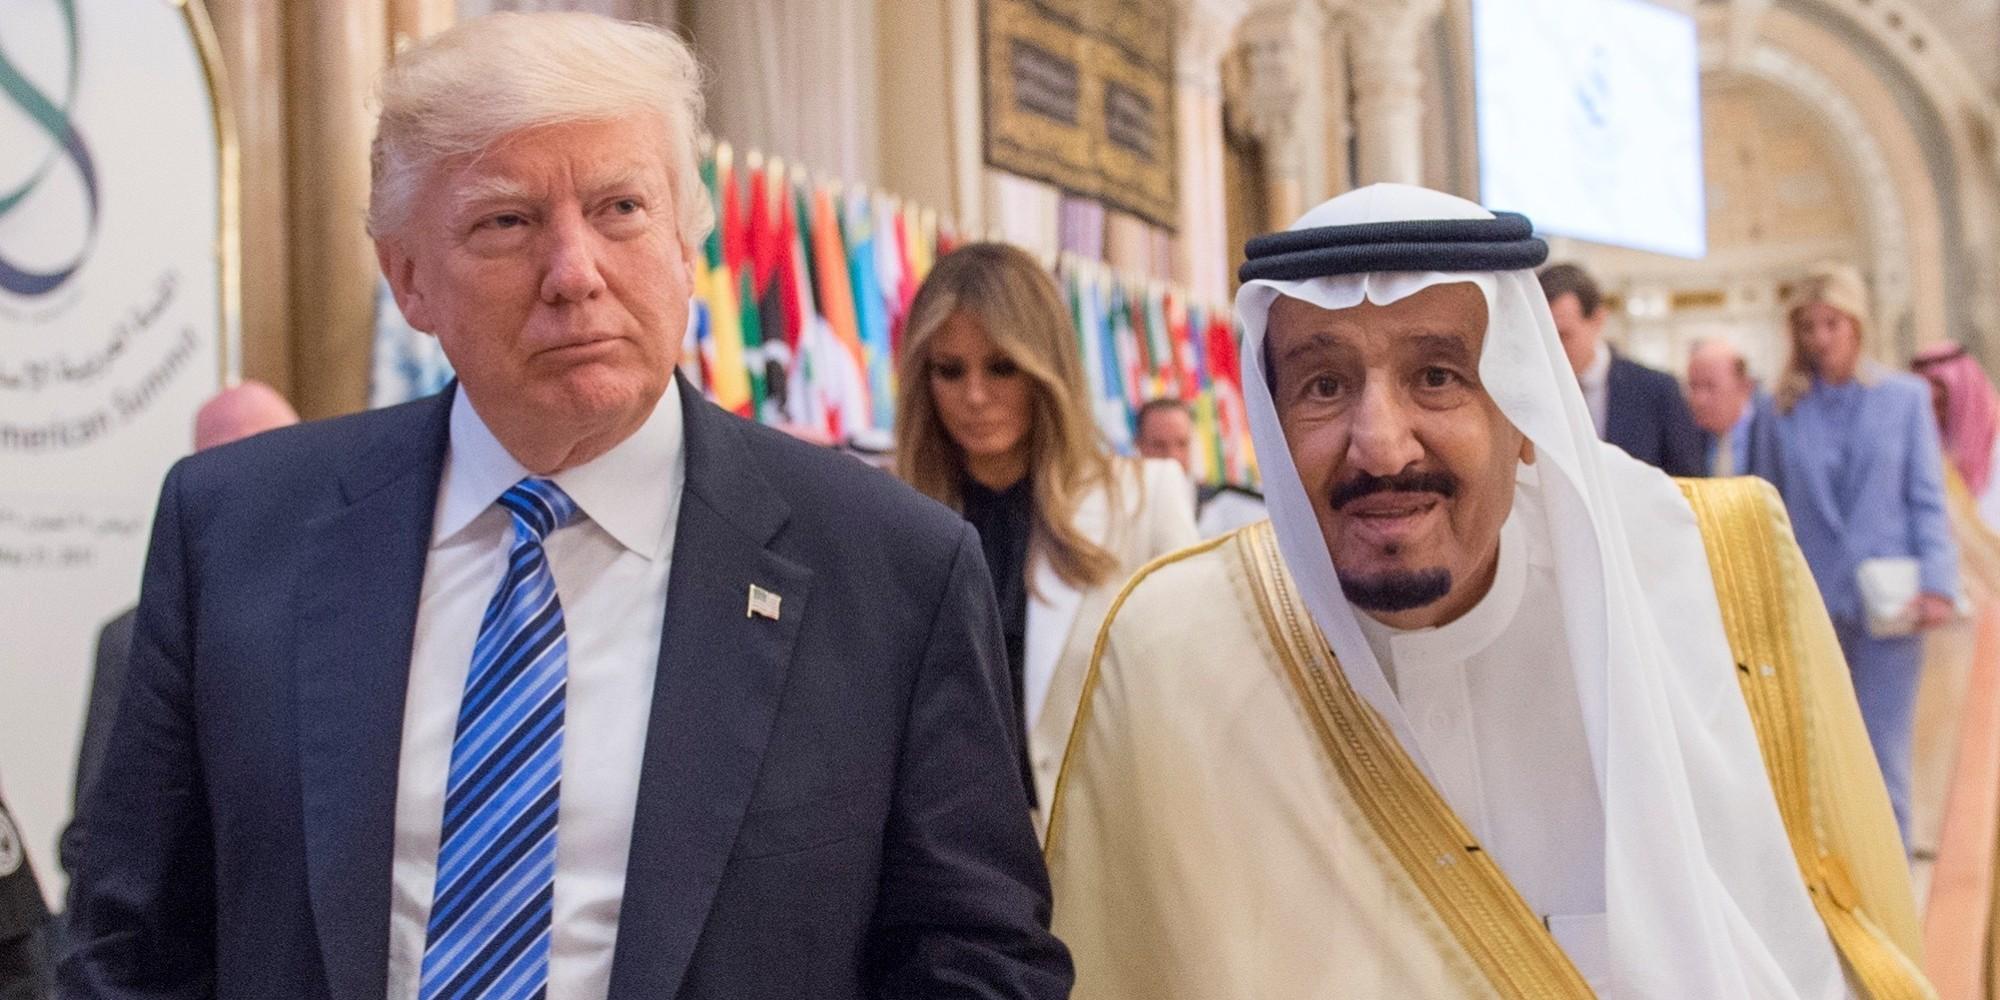 فندق ألماني رفض استقبال ترامب وحجزه الملك سلمان.. هذا ما سيقدّمه لنزلائه السعوديين من غرف وقوائم طعام مذهلة